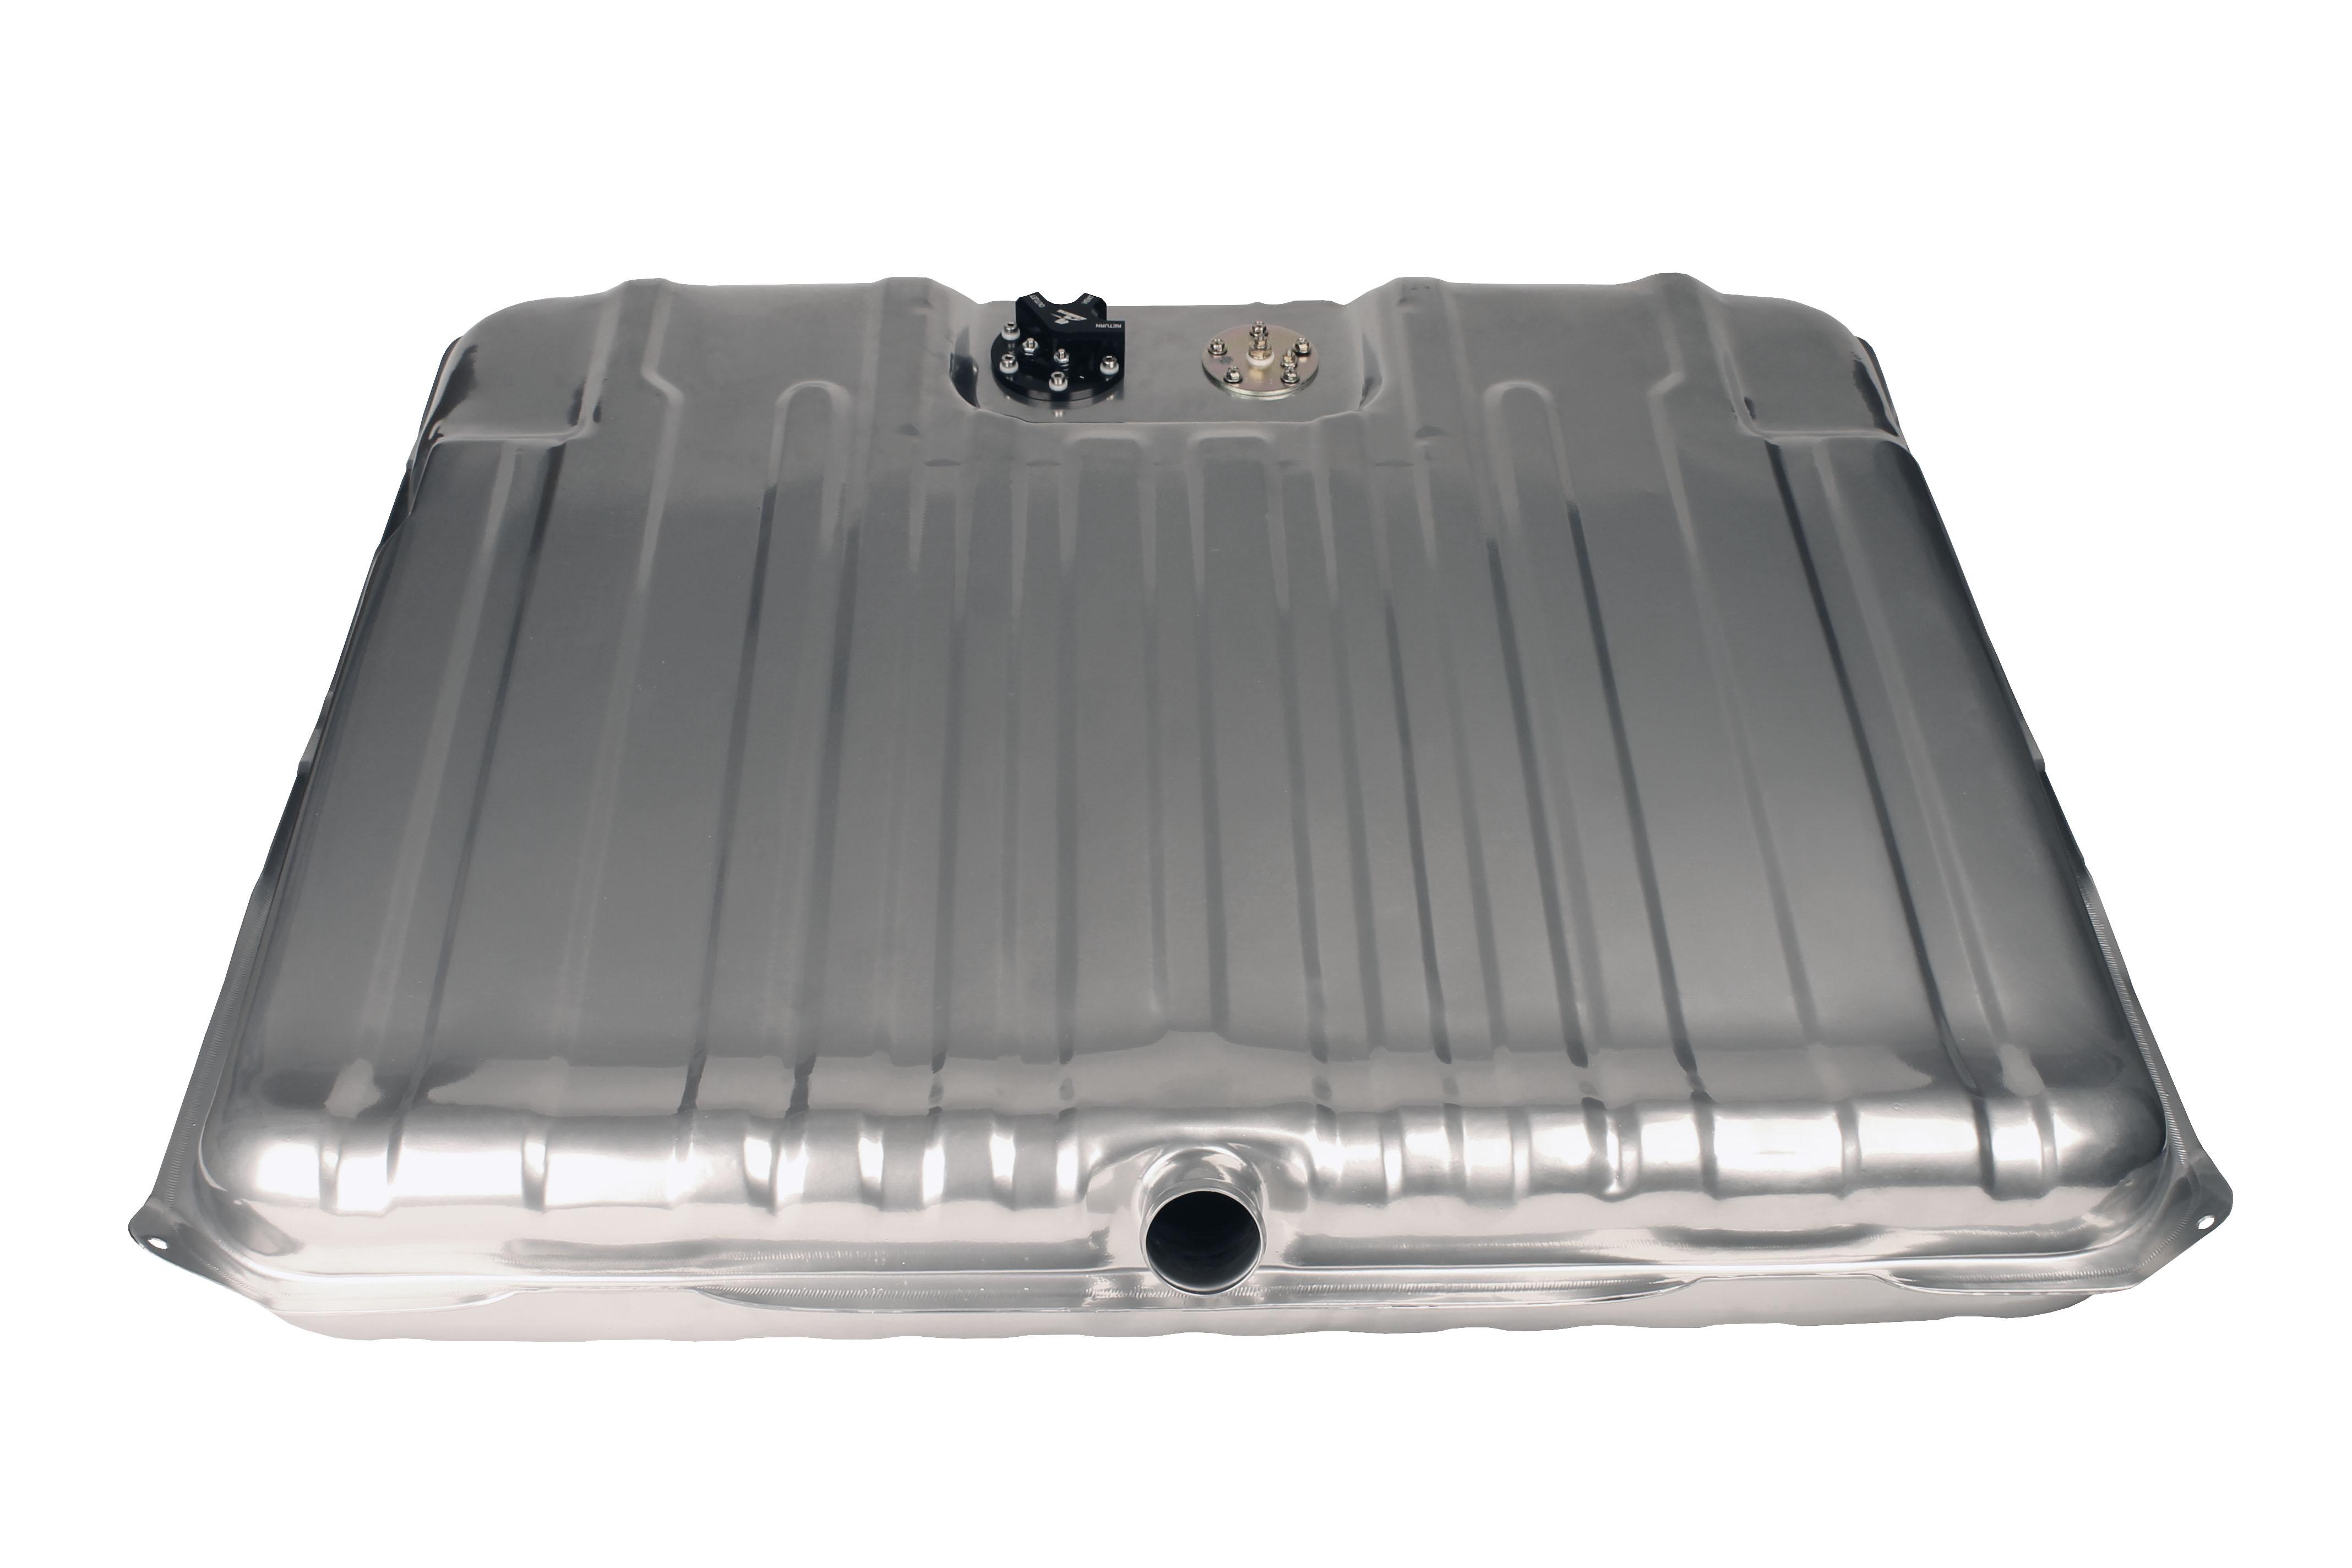 65-66 Pontiac Parisienne Fuel Tank